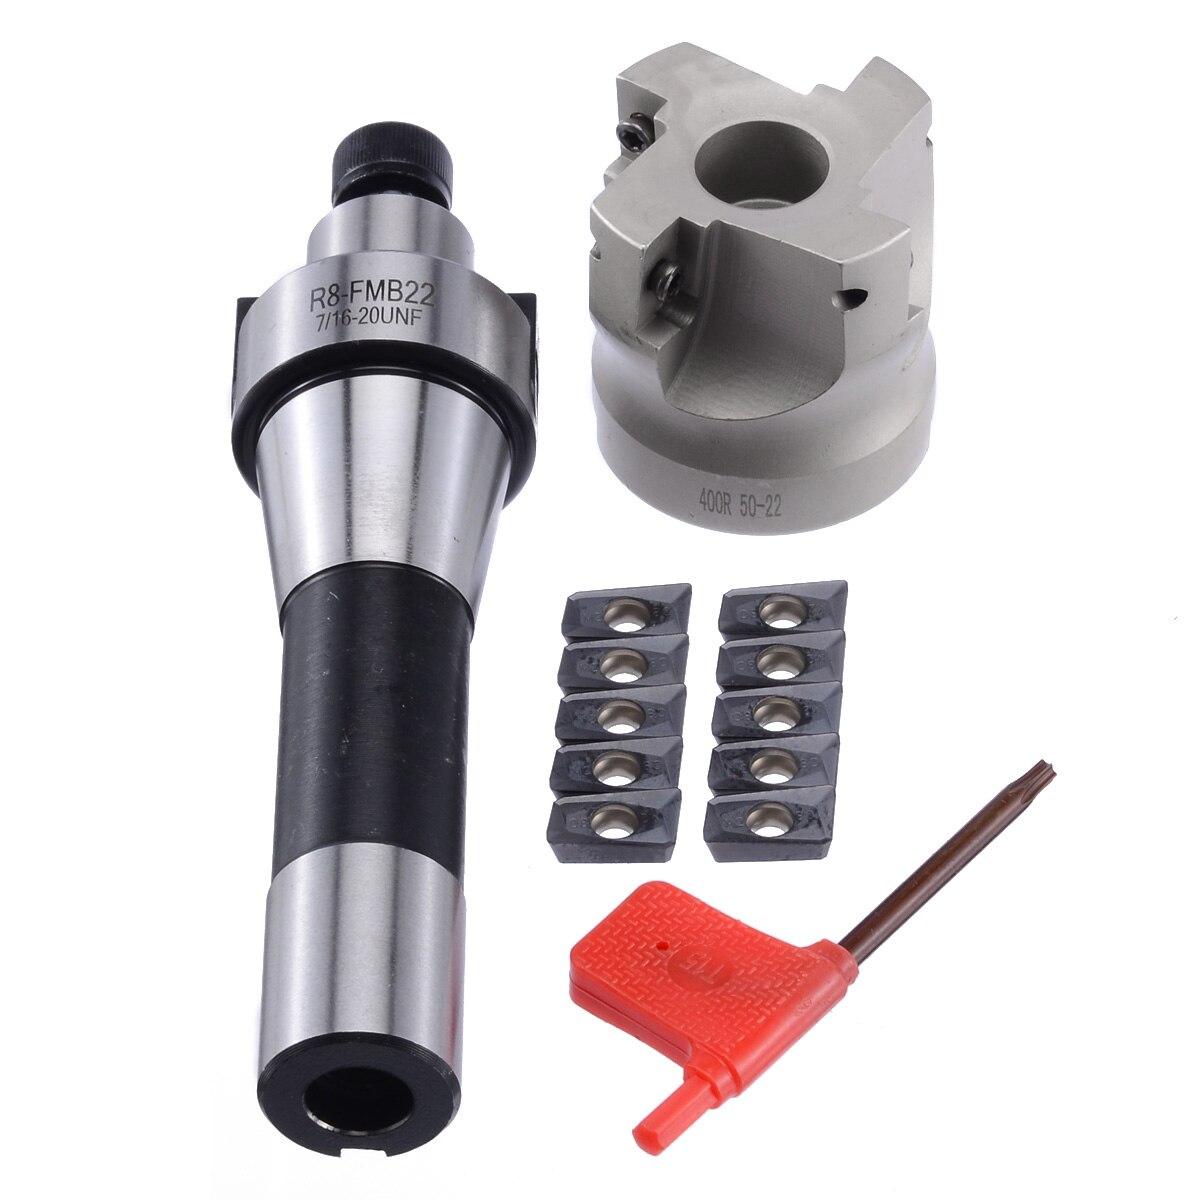 400R 50 MM Fraisage CNC Visage Fraise Kit + 10 pièces APMT1604 Plaquettes Carbure + R8 Tige Tonnelle pour Machine Électrique Outil